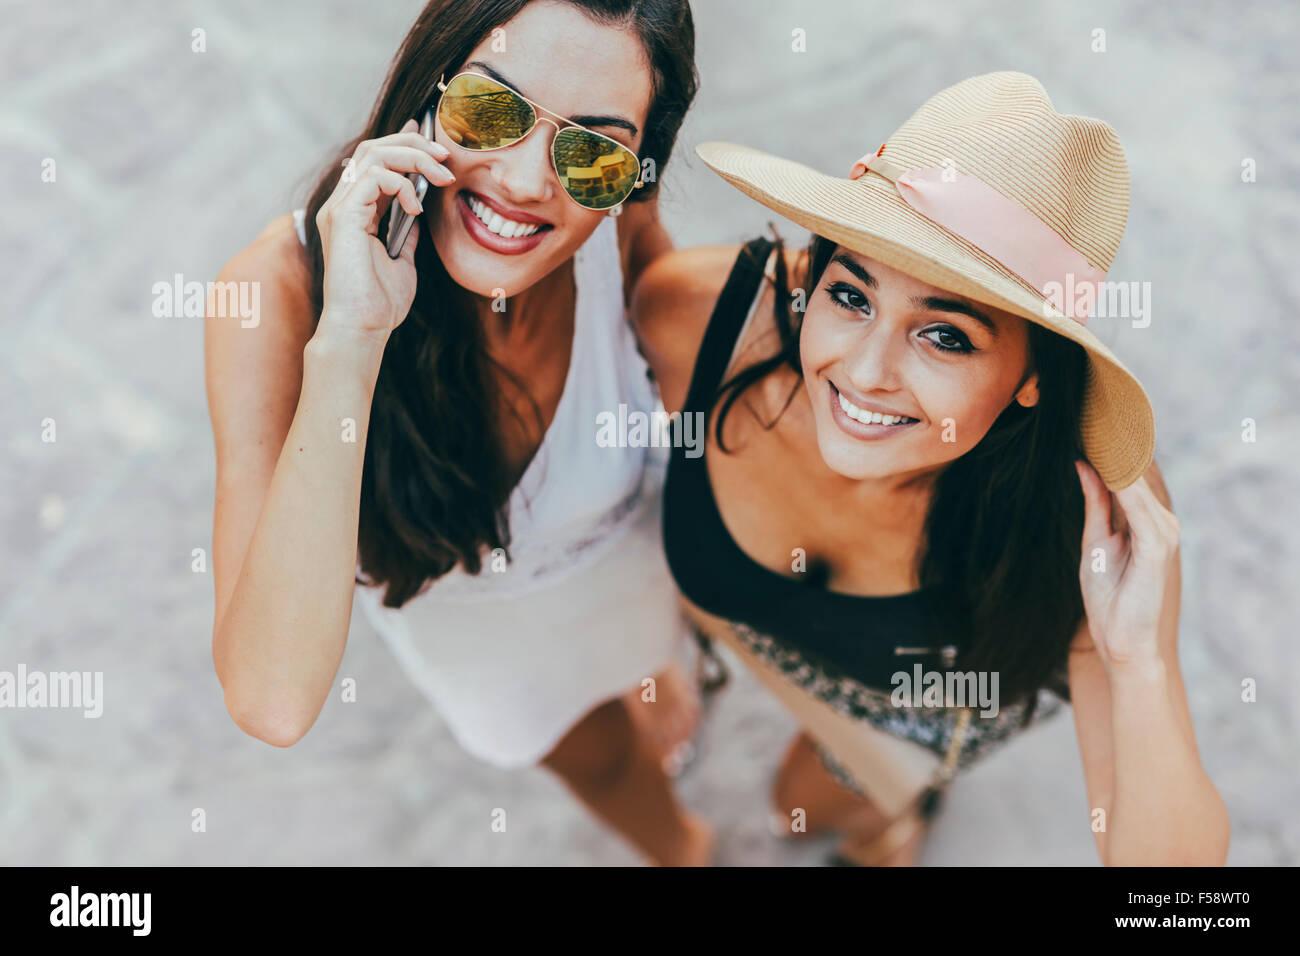 Porträt von zwei schöne Mädchen in Sommerkleidung lächelnd und telefonieren Stockbild